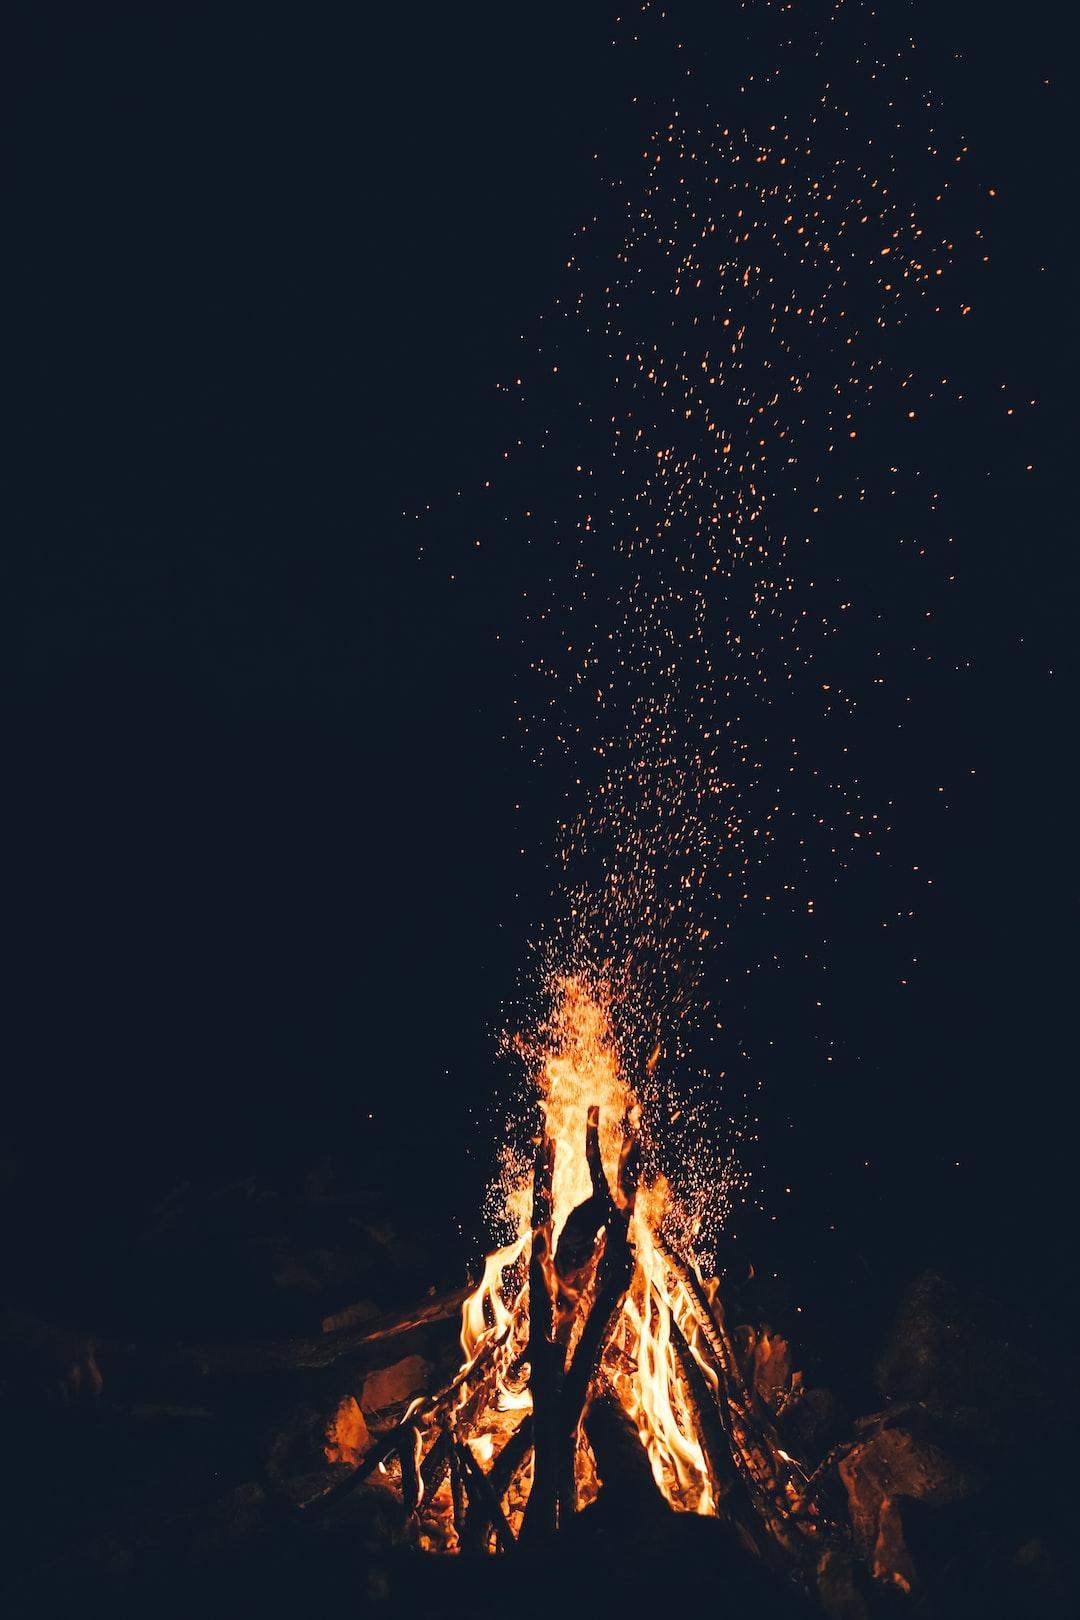 Bonfire pictures